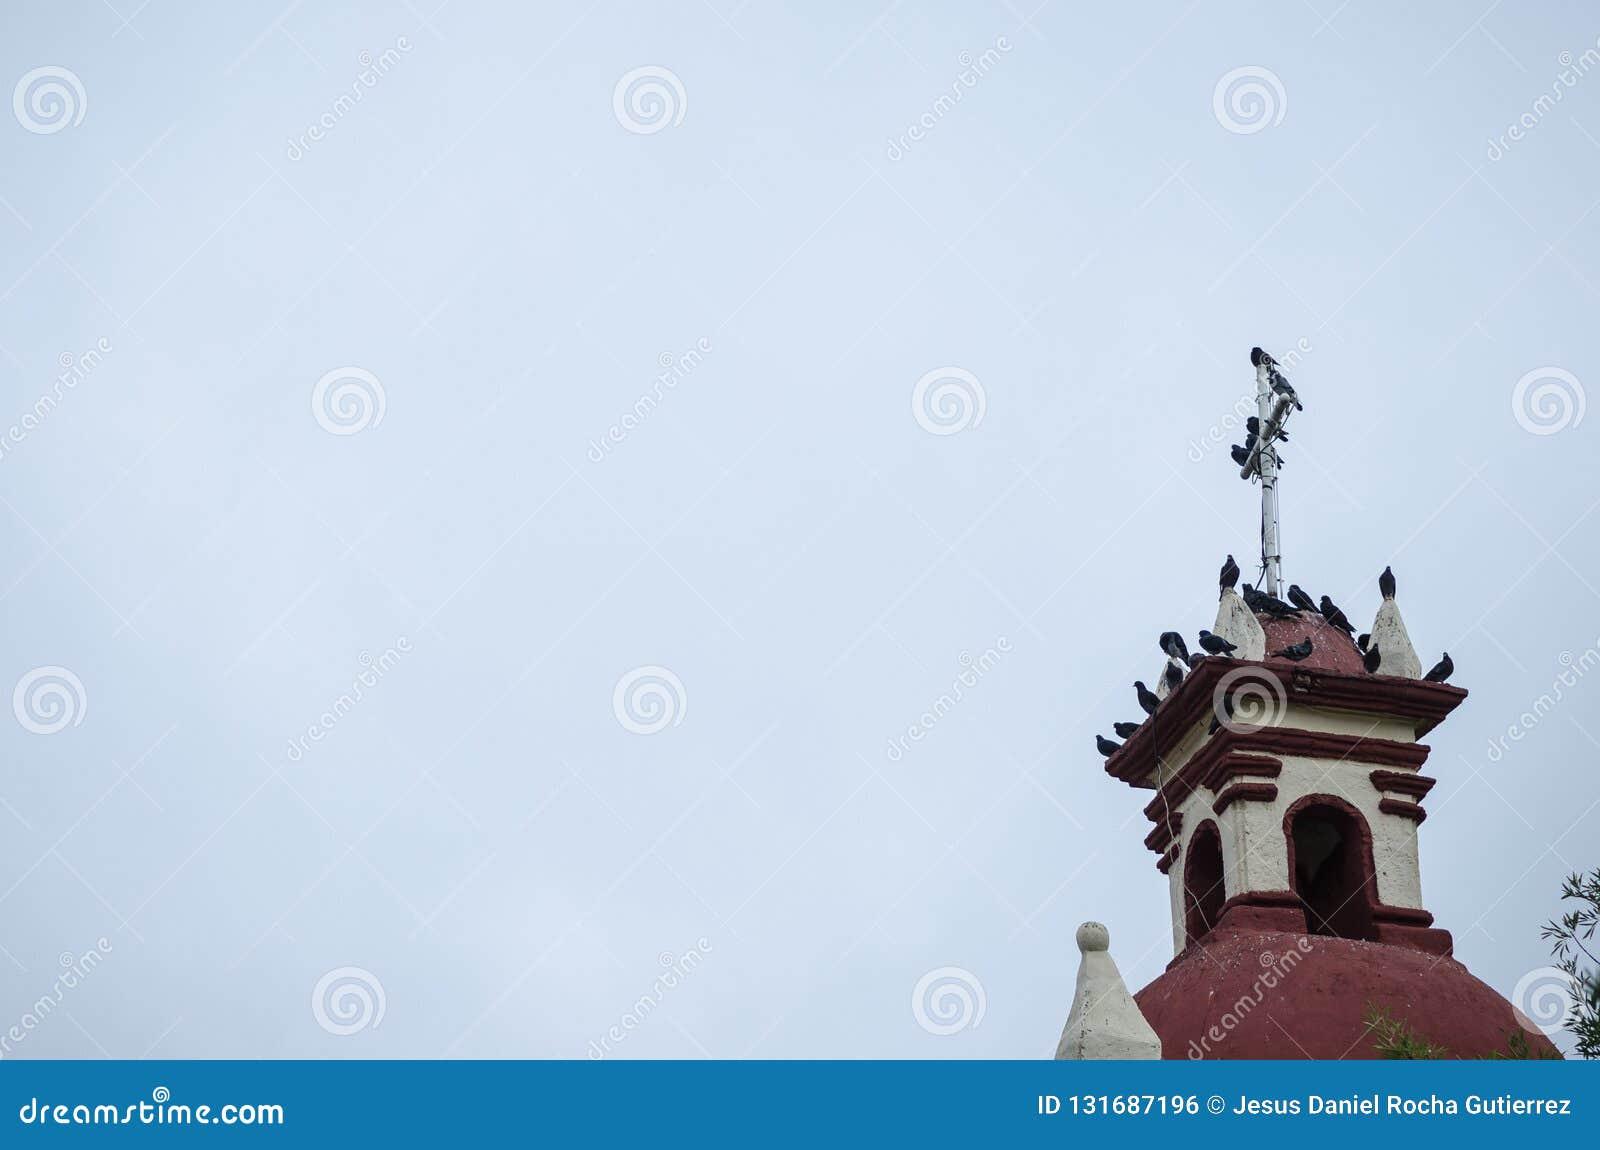 Ομάδα περιστεριών που στέκεται στον πύργο μιας αρχαίας εκκλησίας, περιστέρια που στηρίζεται από τη μακροχρόνια πτήση, διάστημα γι